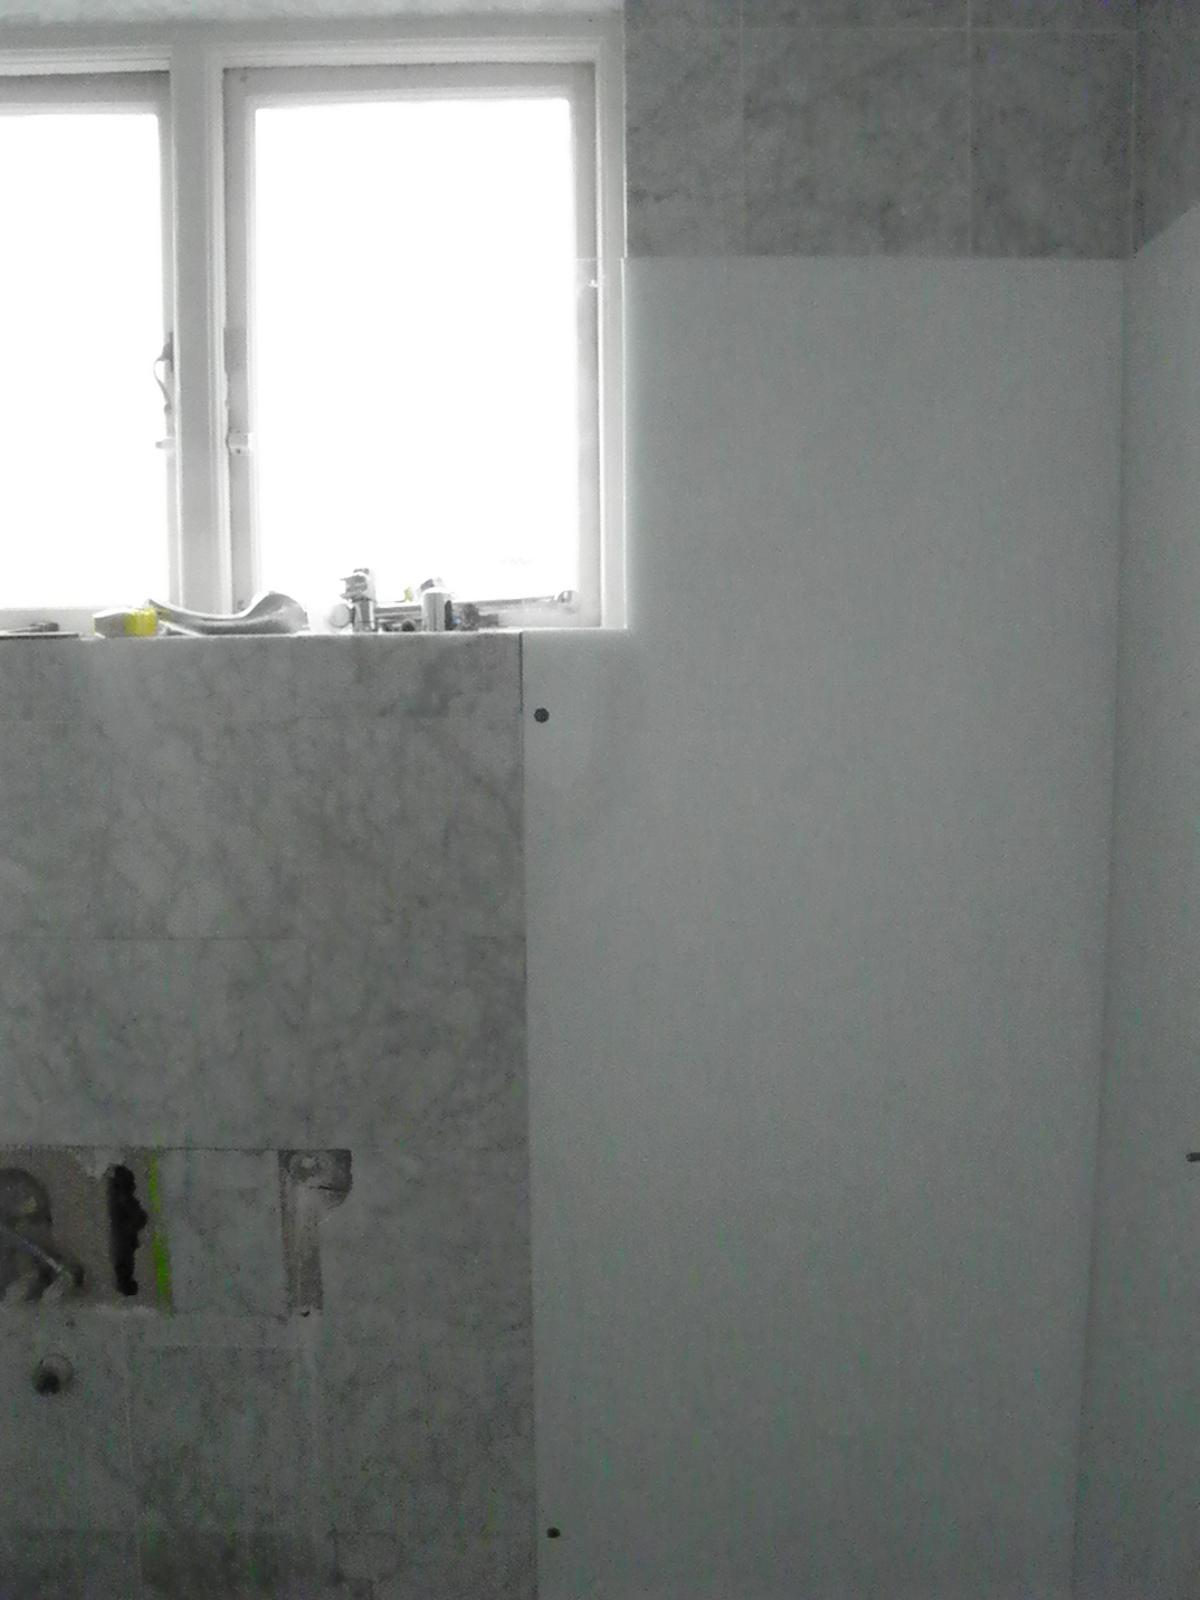 Toughend glass shower recess panel